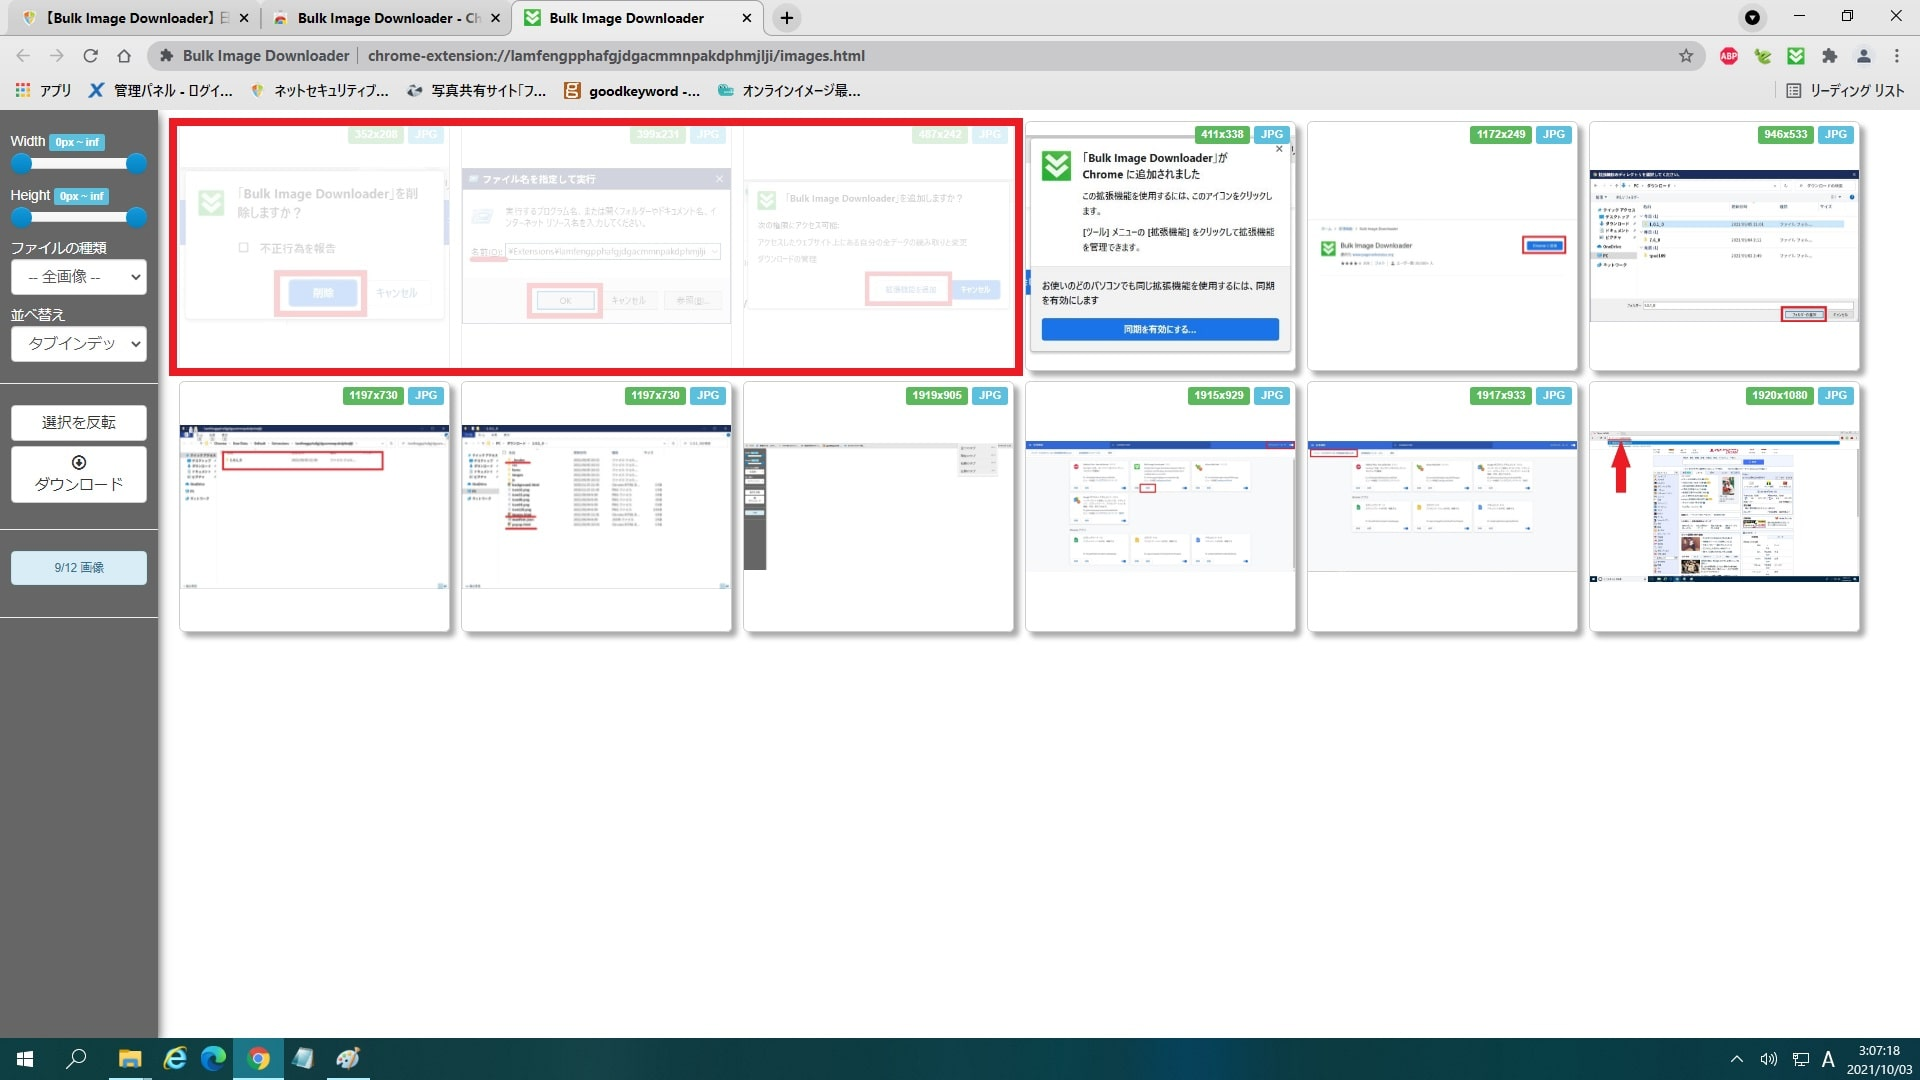 「Bulk Image Downloder」によって検出された画像をダウンロードする画面でダウンロードしない画像を選択する